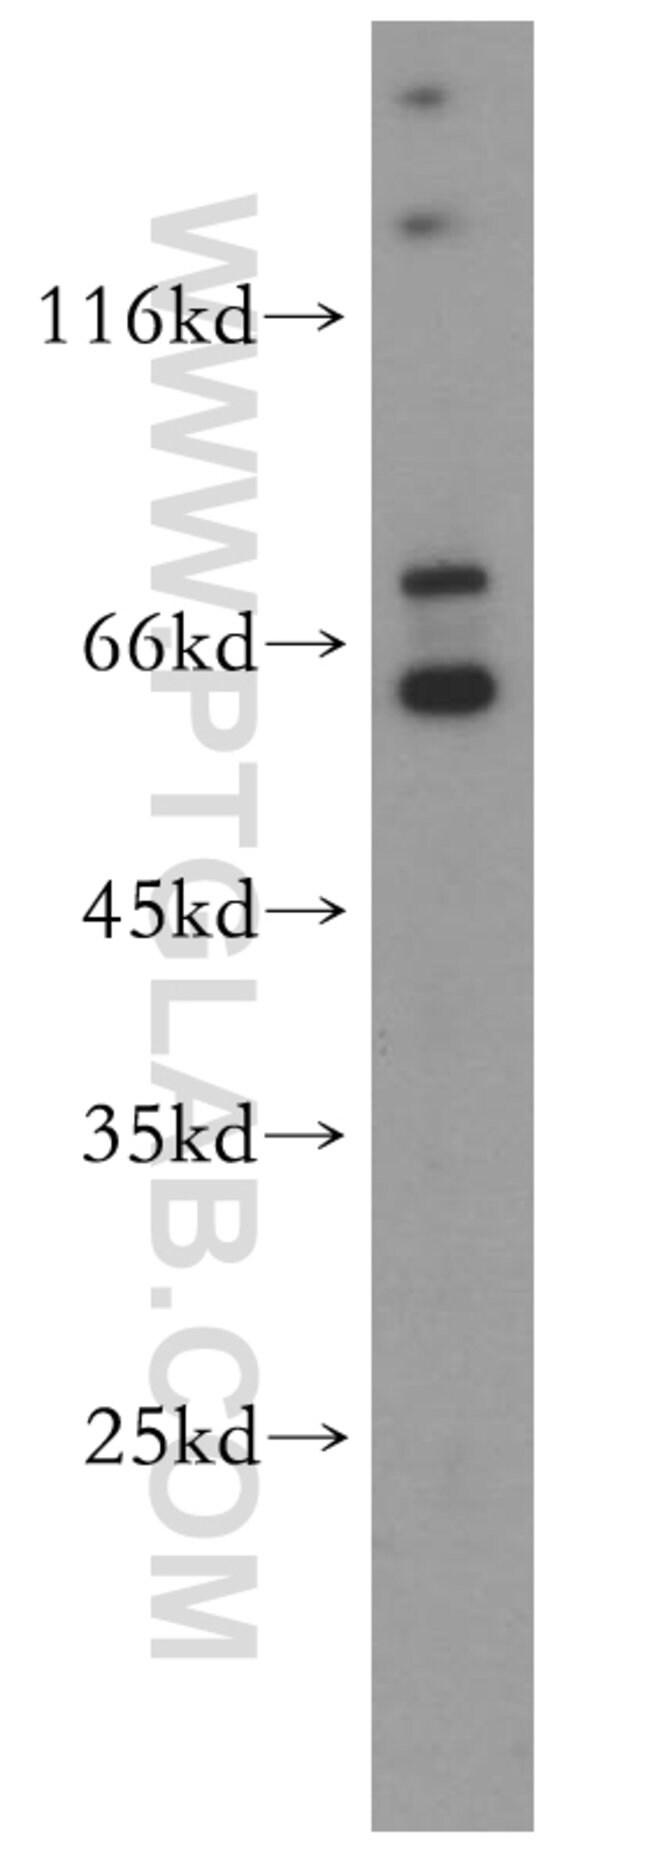 SYNCRIP Rabbit anti-Human, Mouse, Rat, Polyclonal, Proteintech 150 μL; Unconjugated voir les résultats